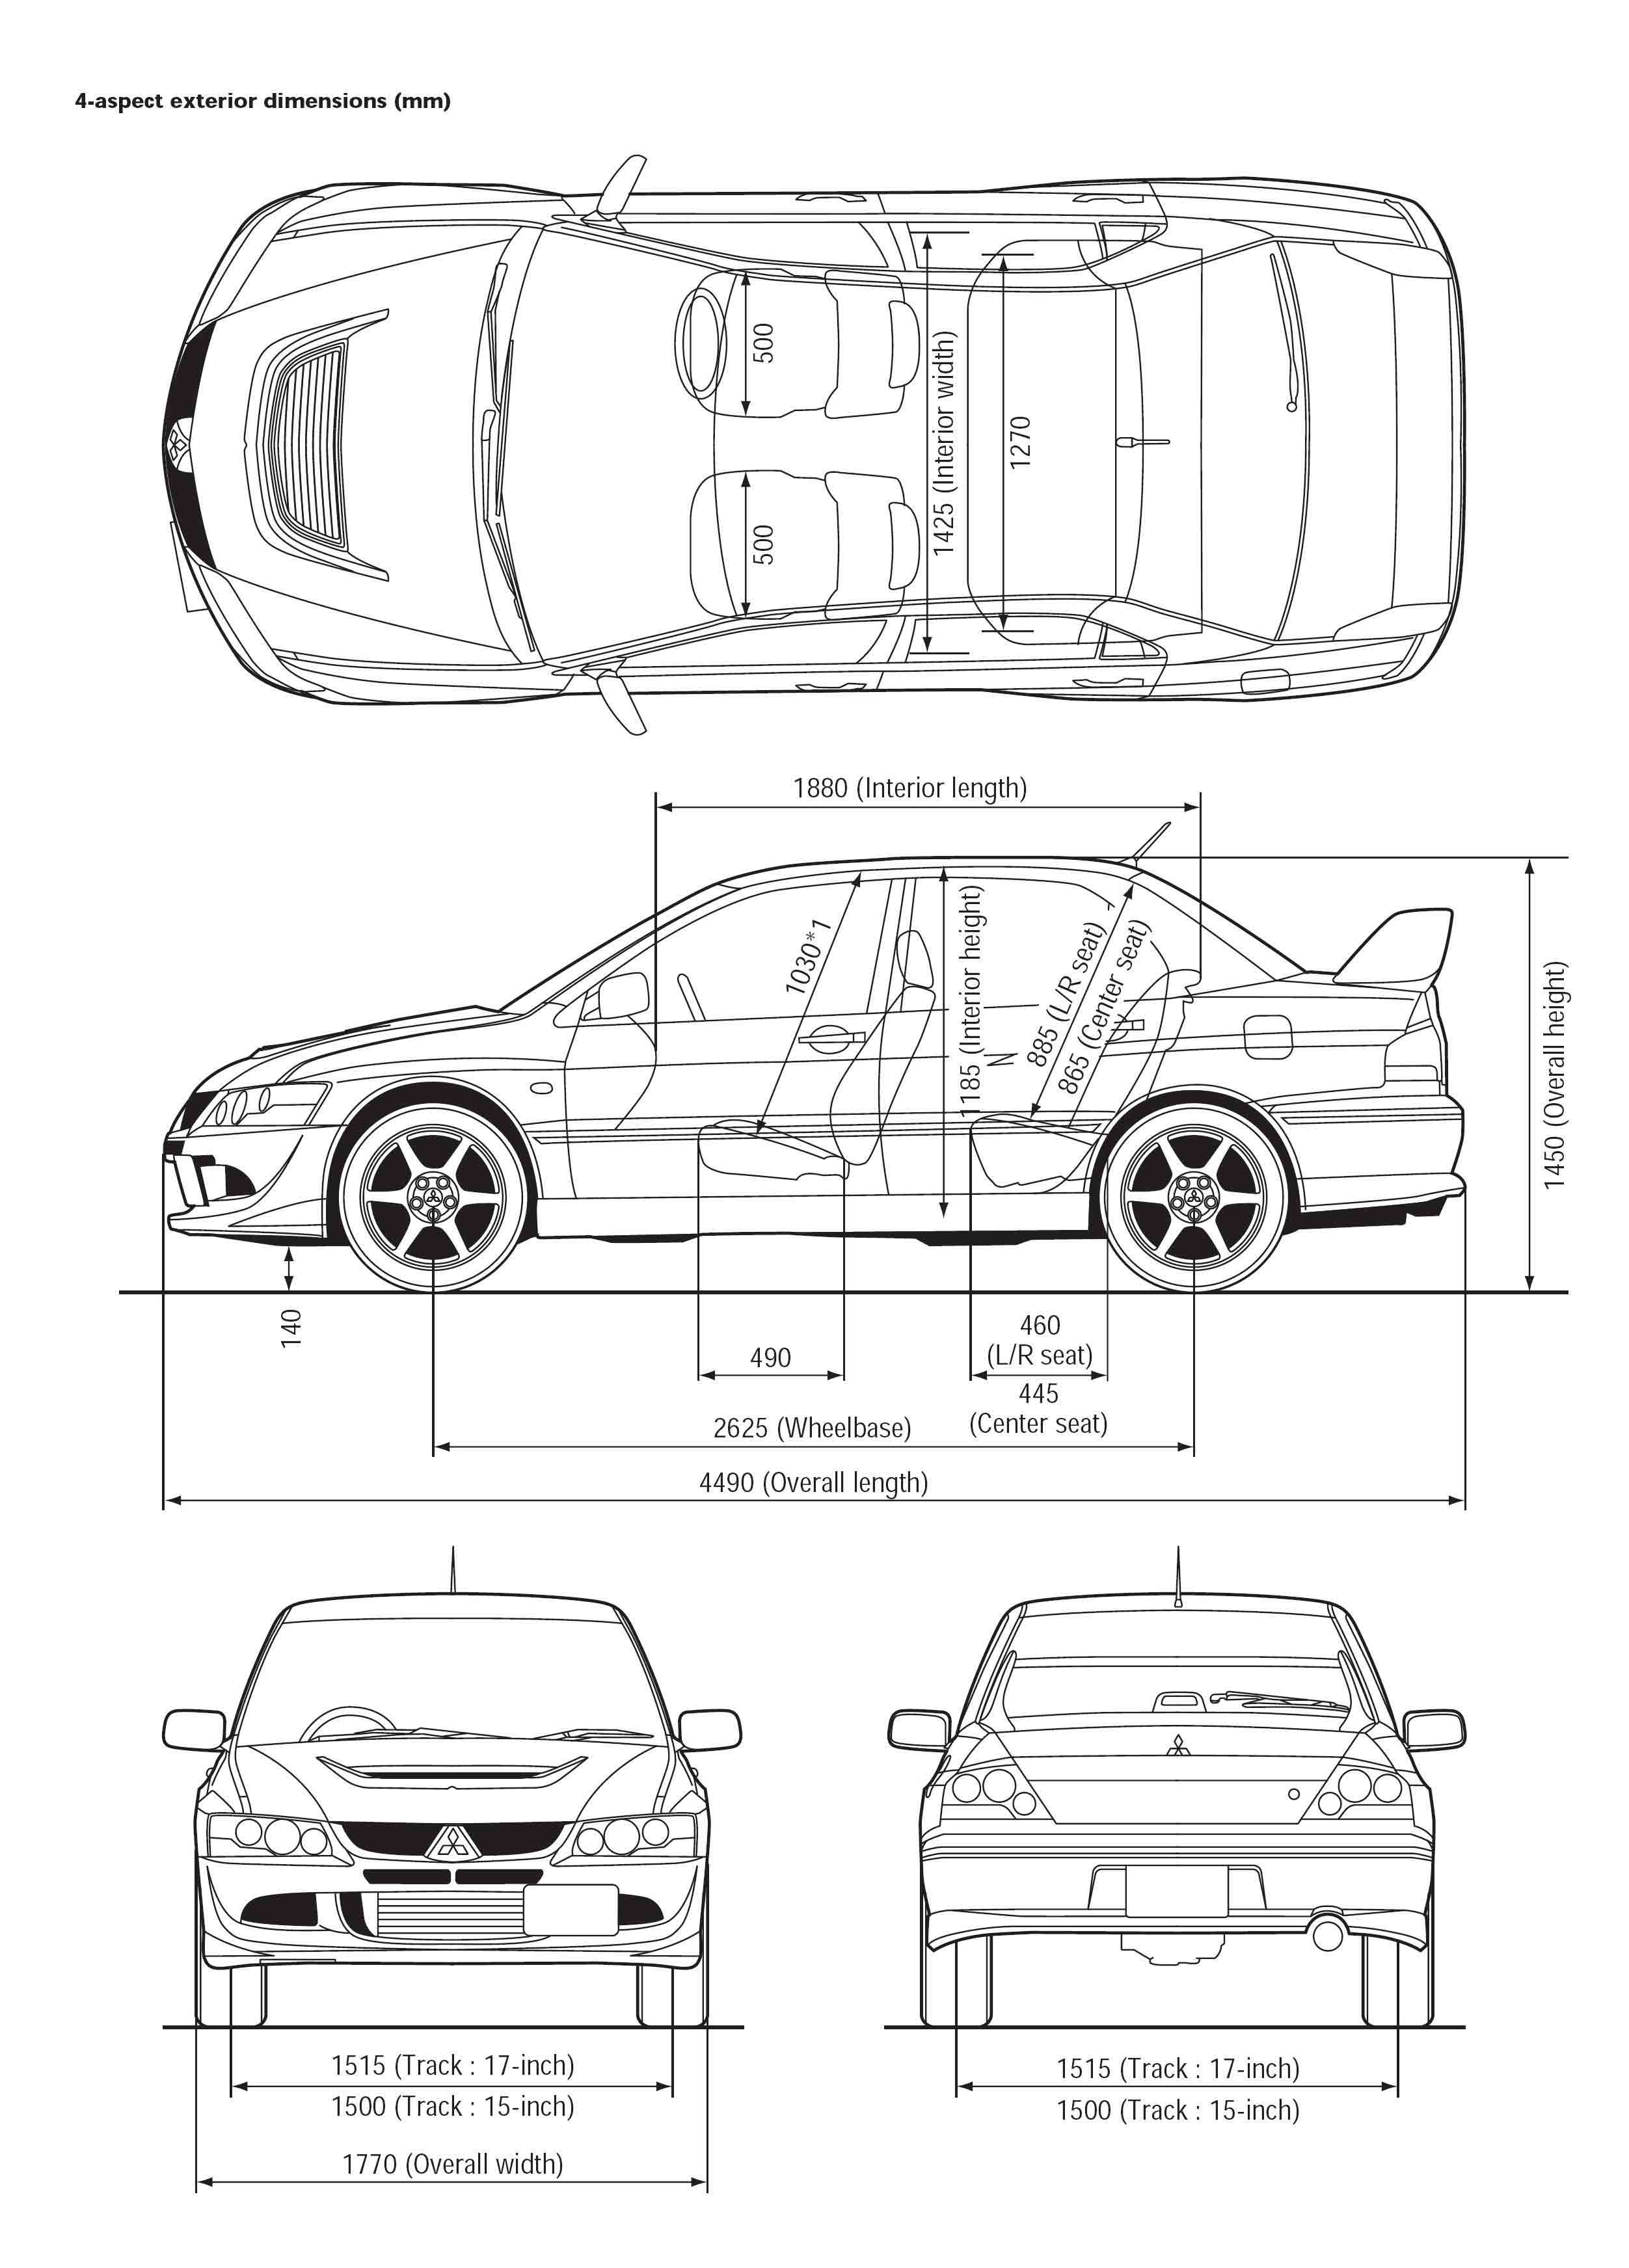 Mitsubishi Lancer Evolution blueprint